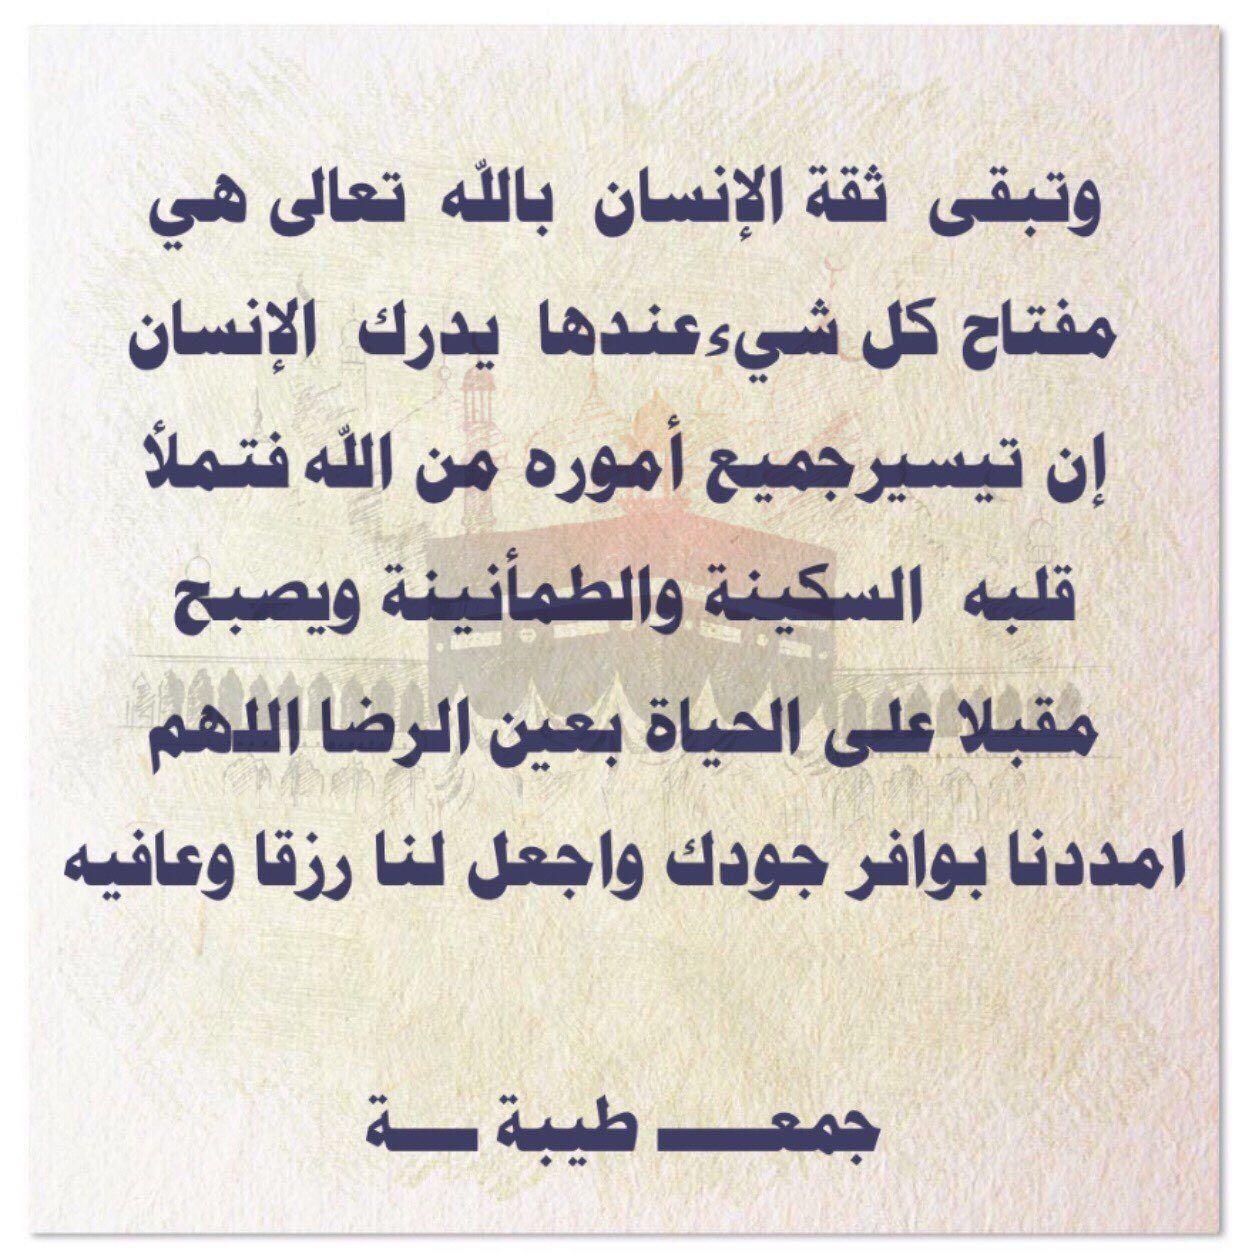 Pin By Ali علي On جمعه مباركه جمعة مباركة Math Calligraphy Arabic Calligraphy